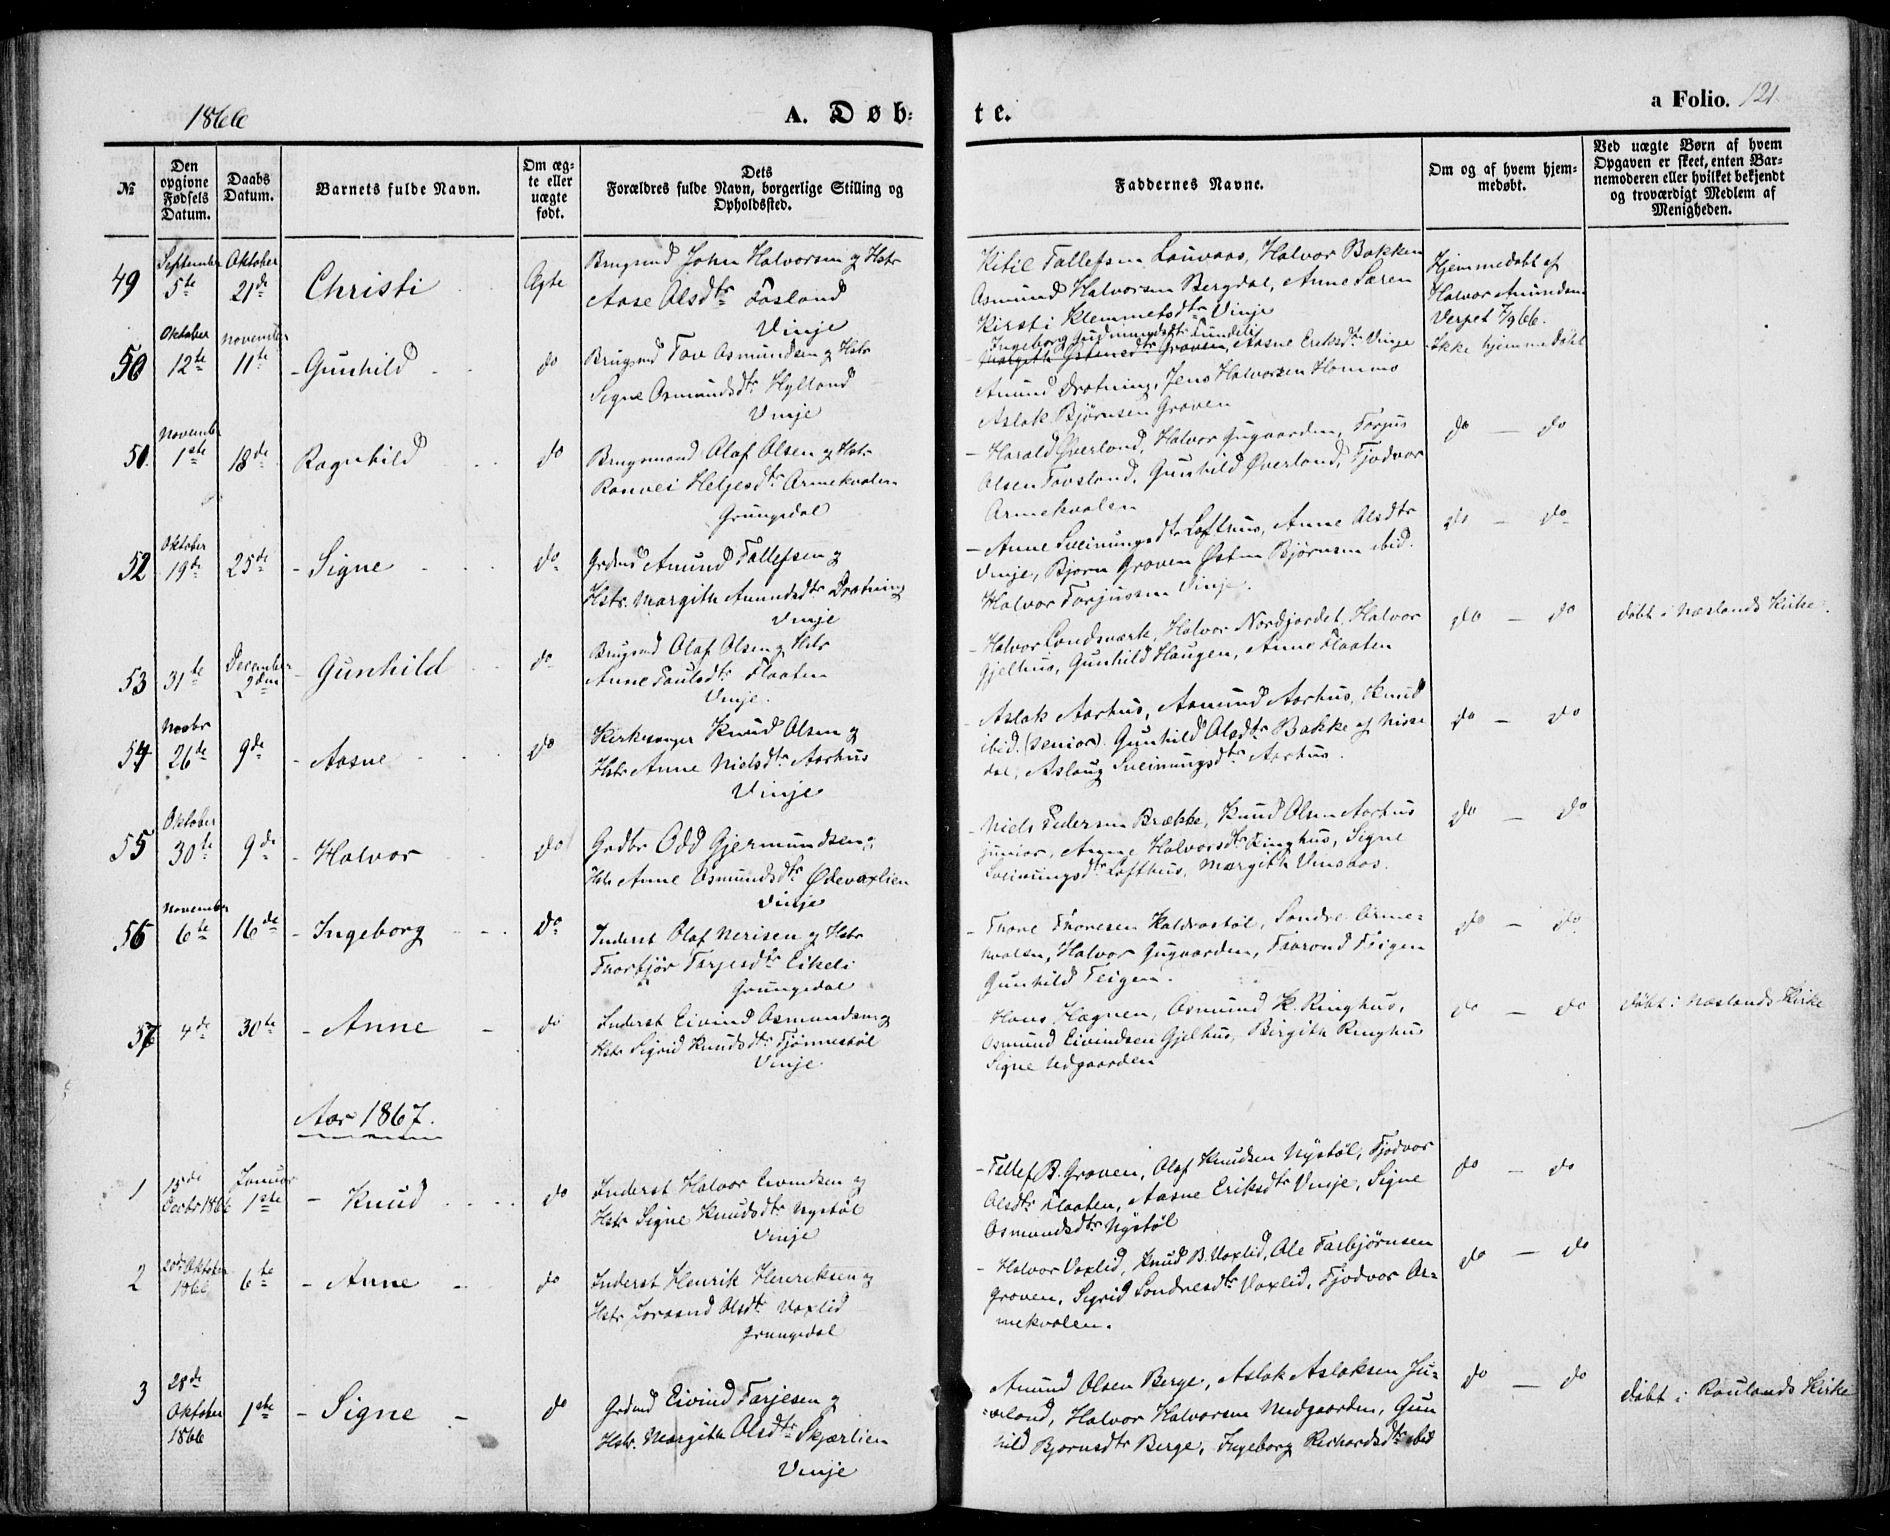 SAKO, Vinje kirkebøker, F/Fa/L0004: Ministerialbok nr. I 4, 1843-1869, s. 121